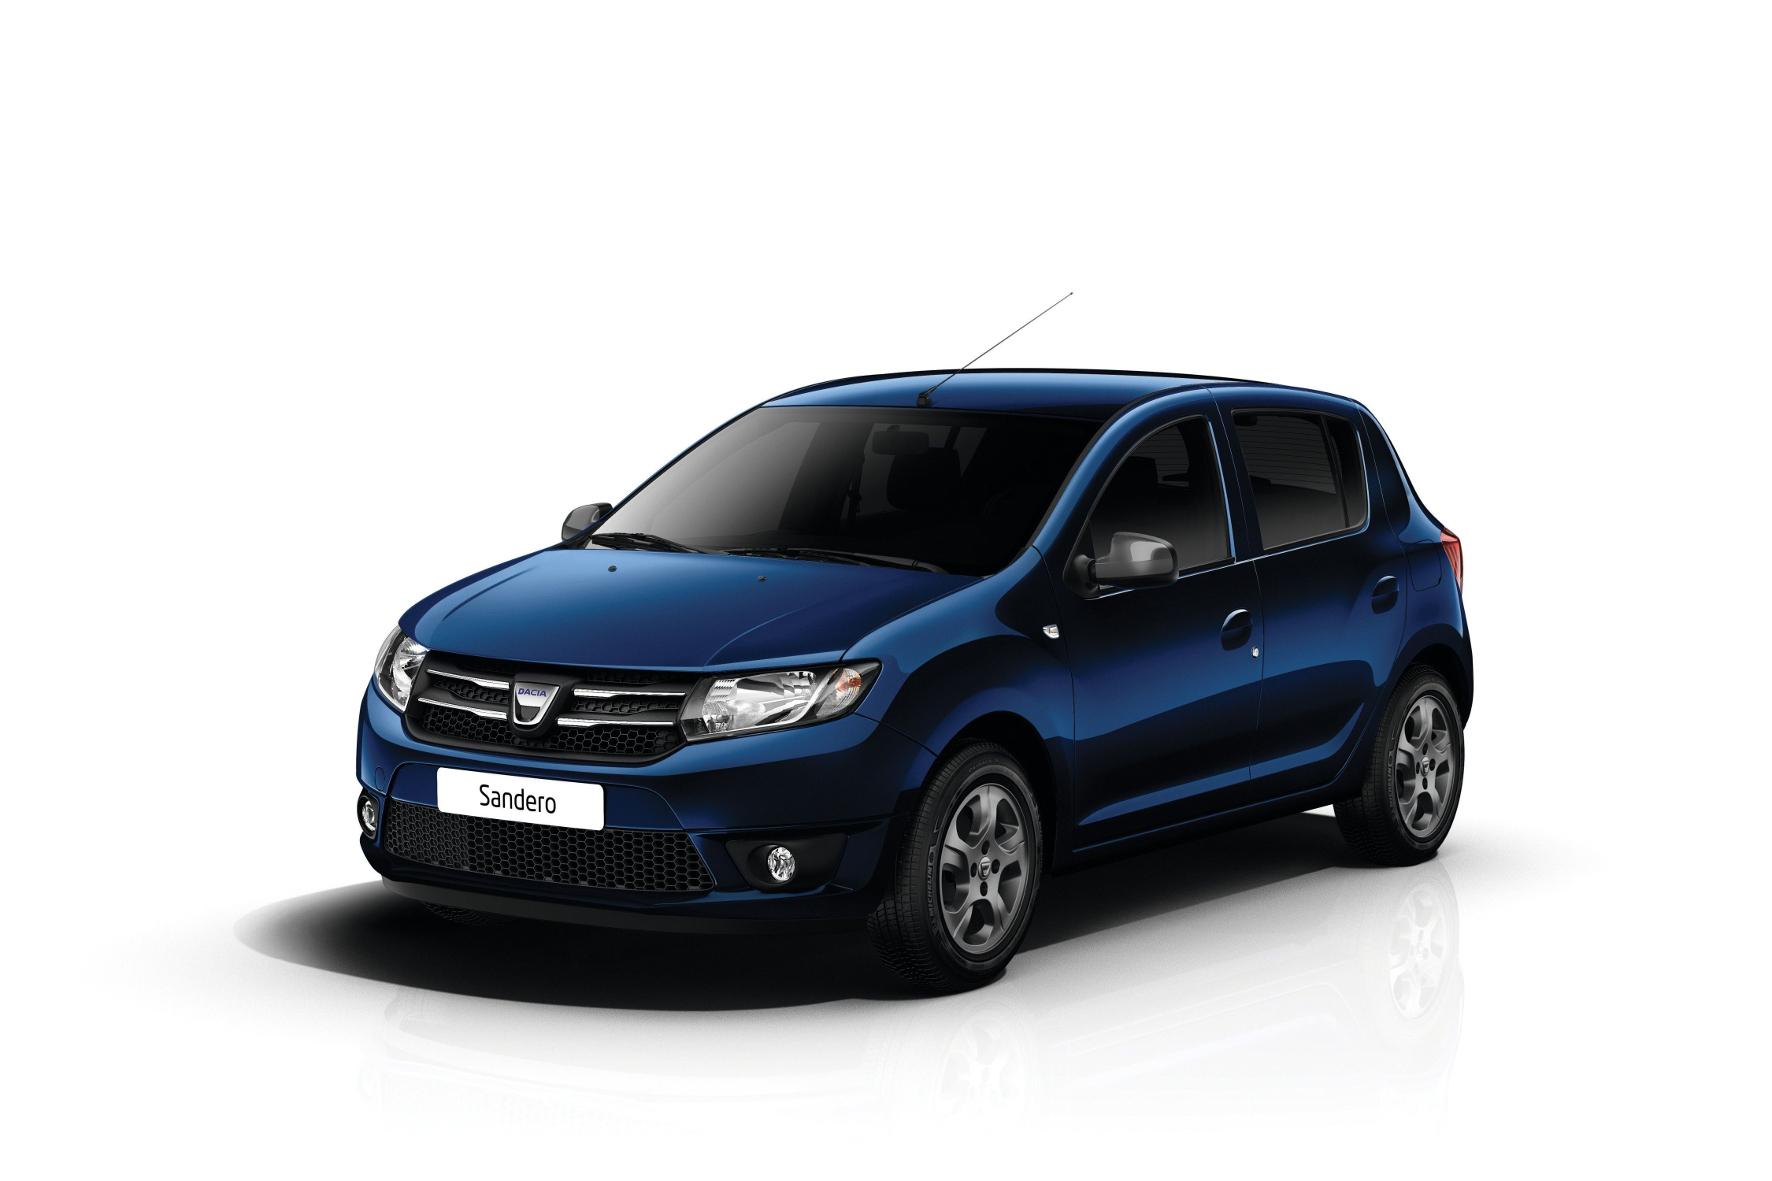 mid Groß-Gerau - Konkurrenzlos günstig und dennoch solide und praktisch: der Dacia Sandero.